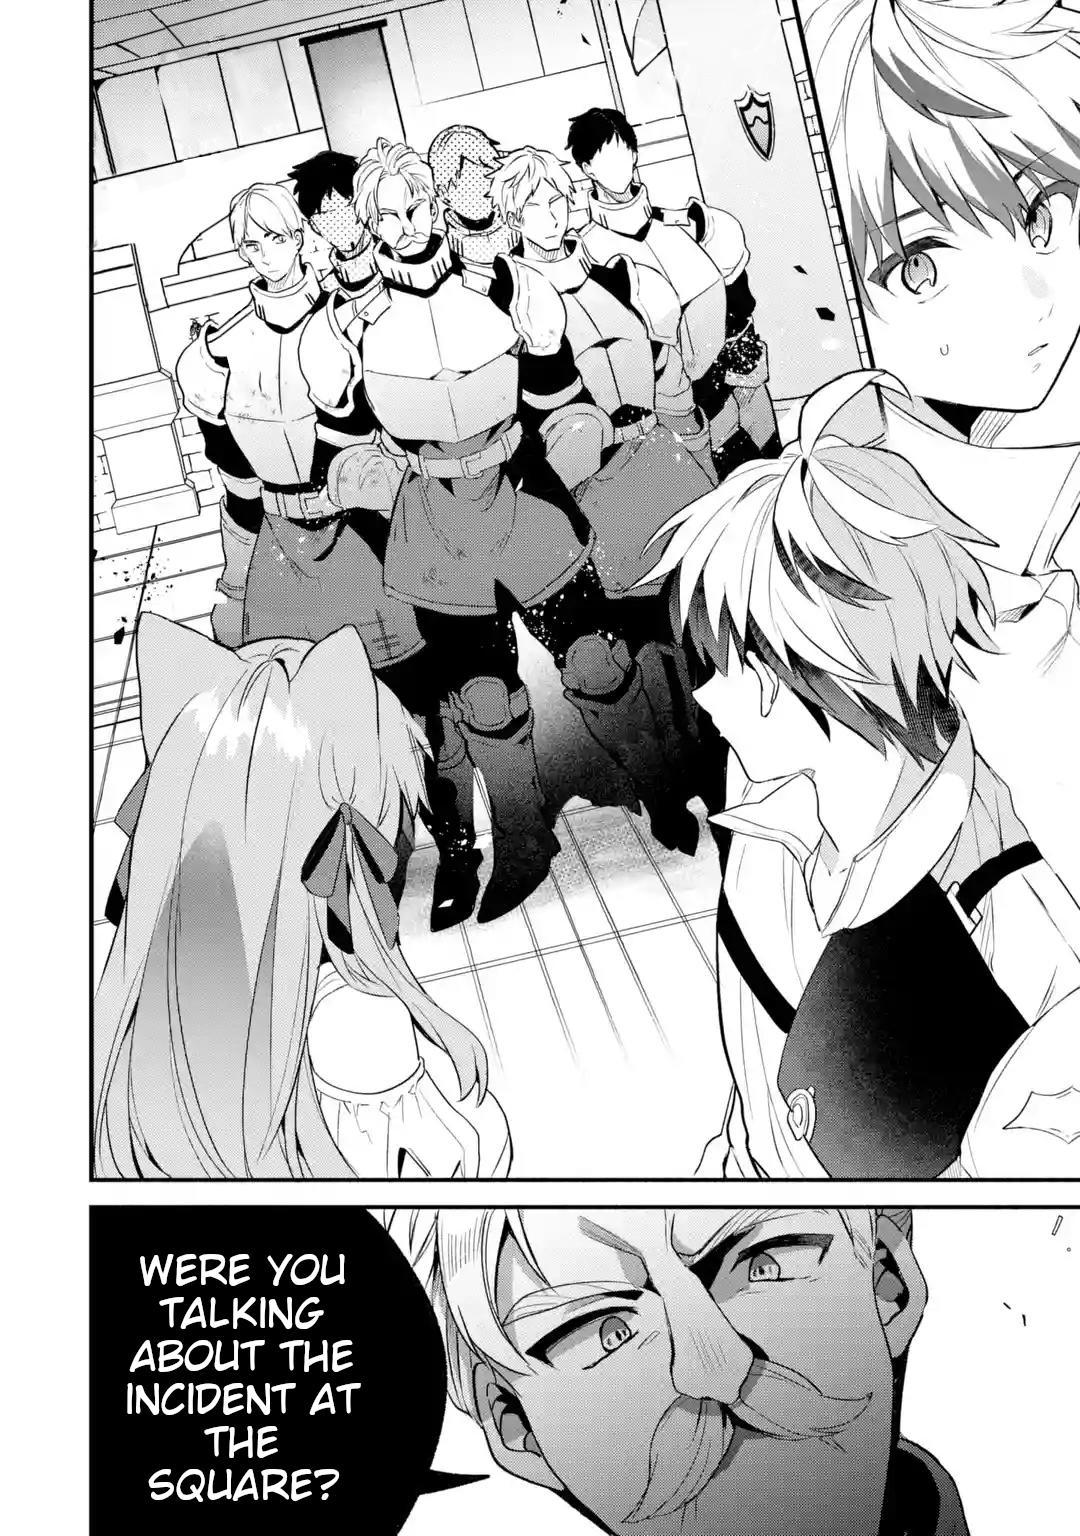 Yuusha Party Wo Tsuihou Sareta Beast Tamer, Saikyou Shuzoku Nekomimi Shojo To Deau Chapter 48: The Knights page 7 - Mangakakalots.com